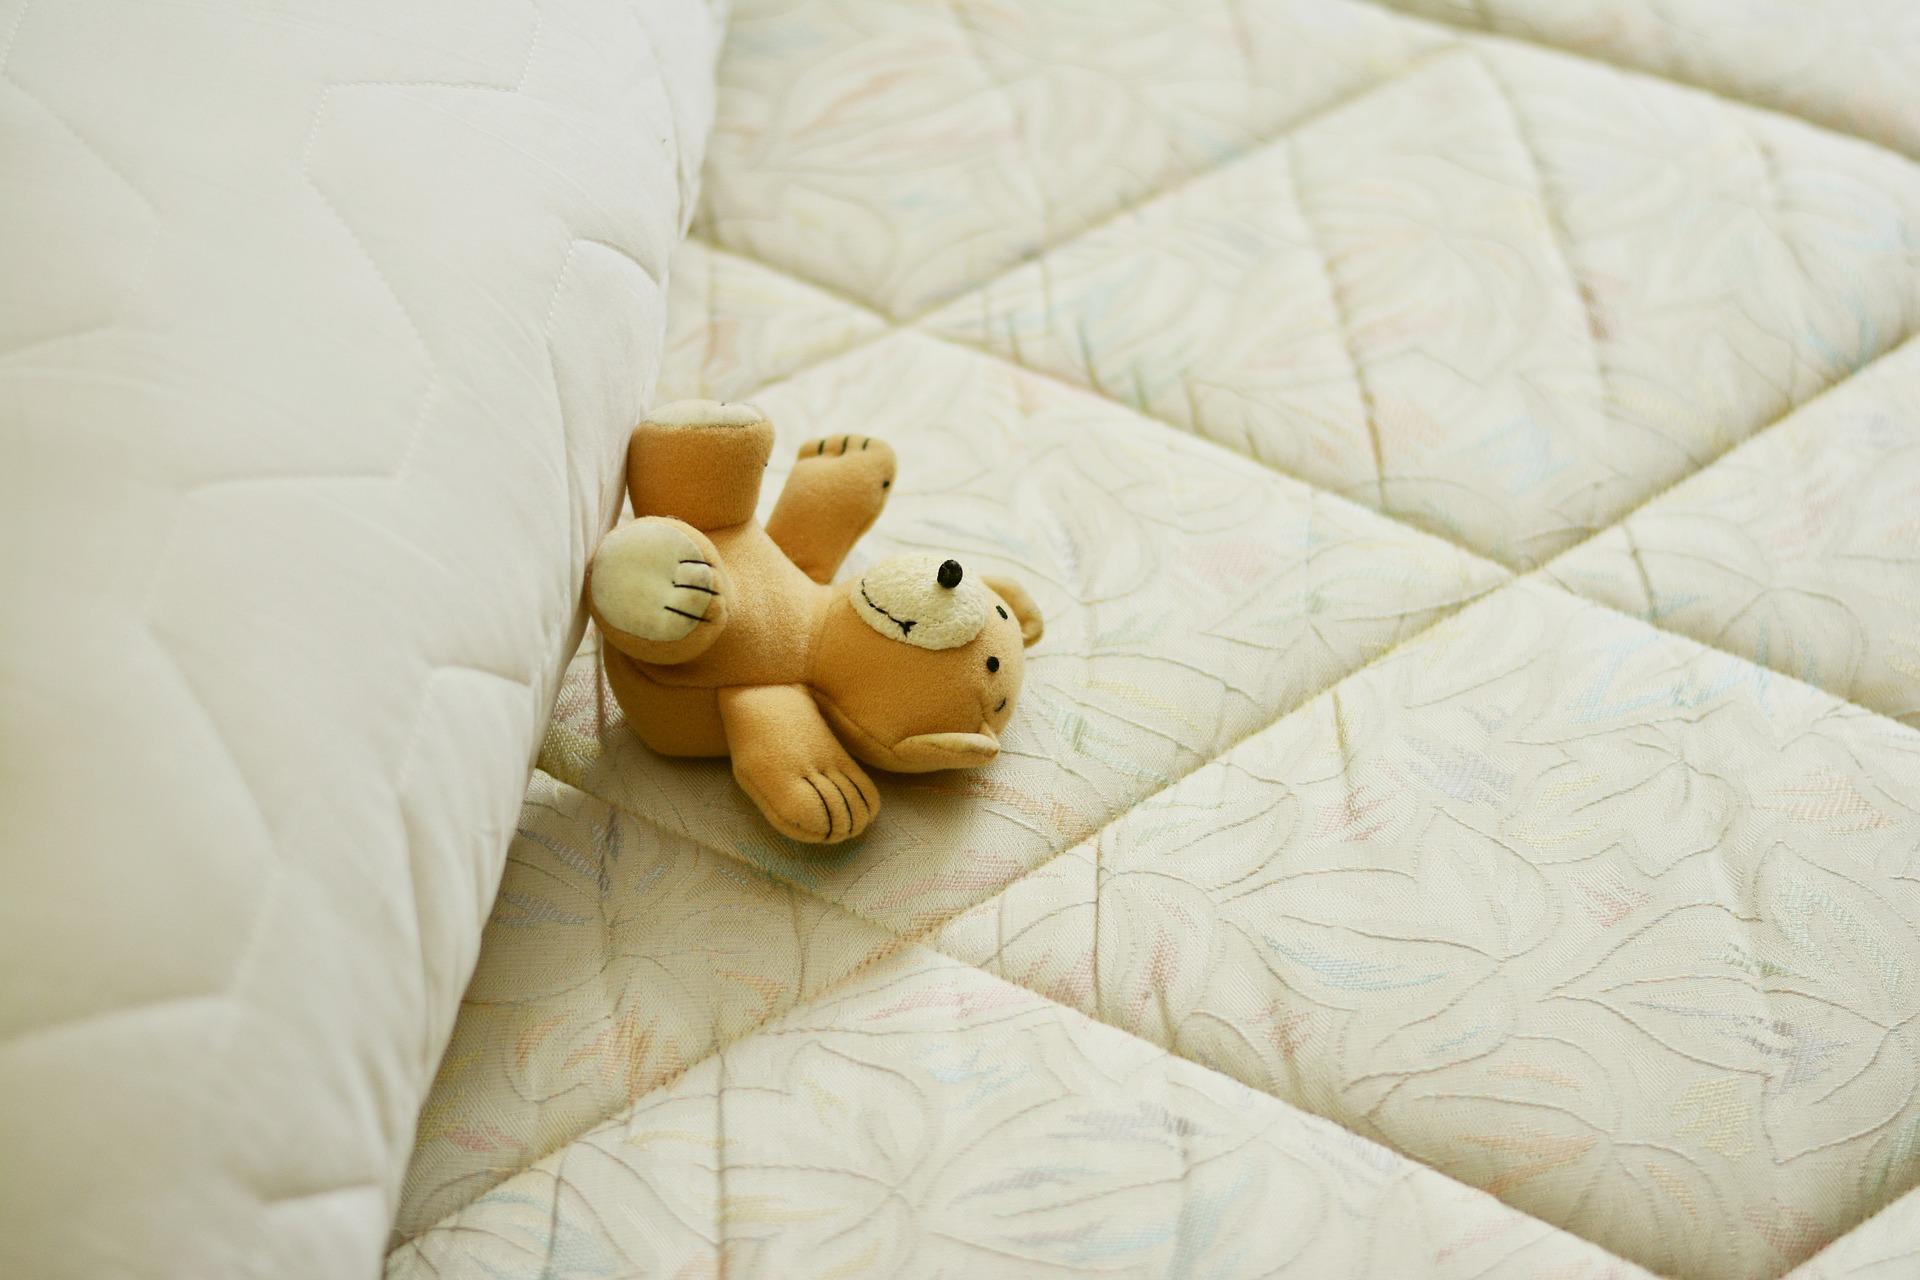 Tuhost matrace volte podle nejčastější polohy při spánku